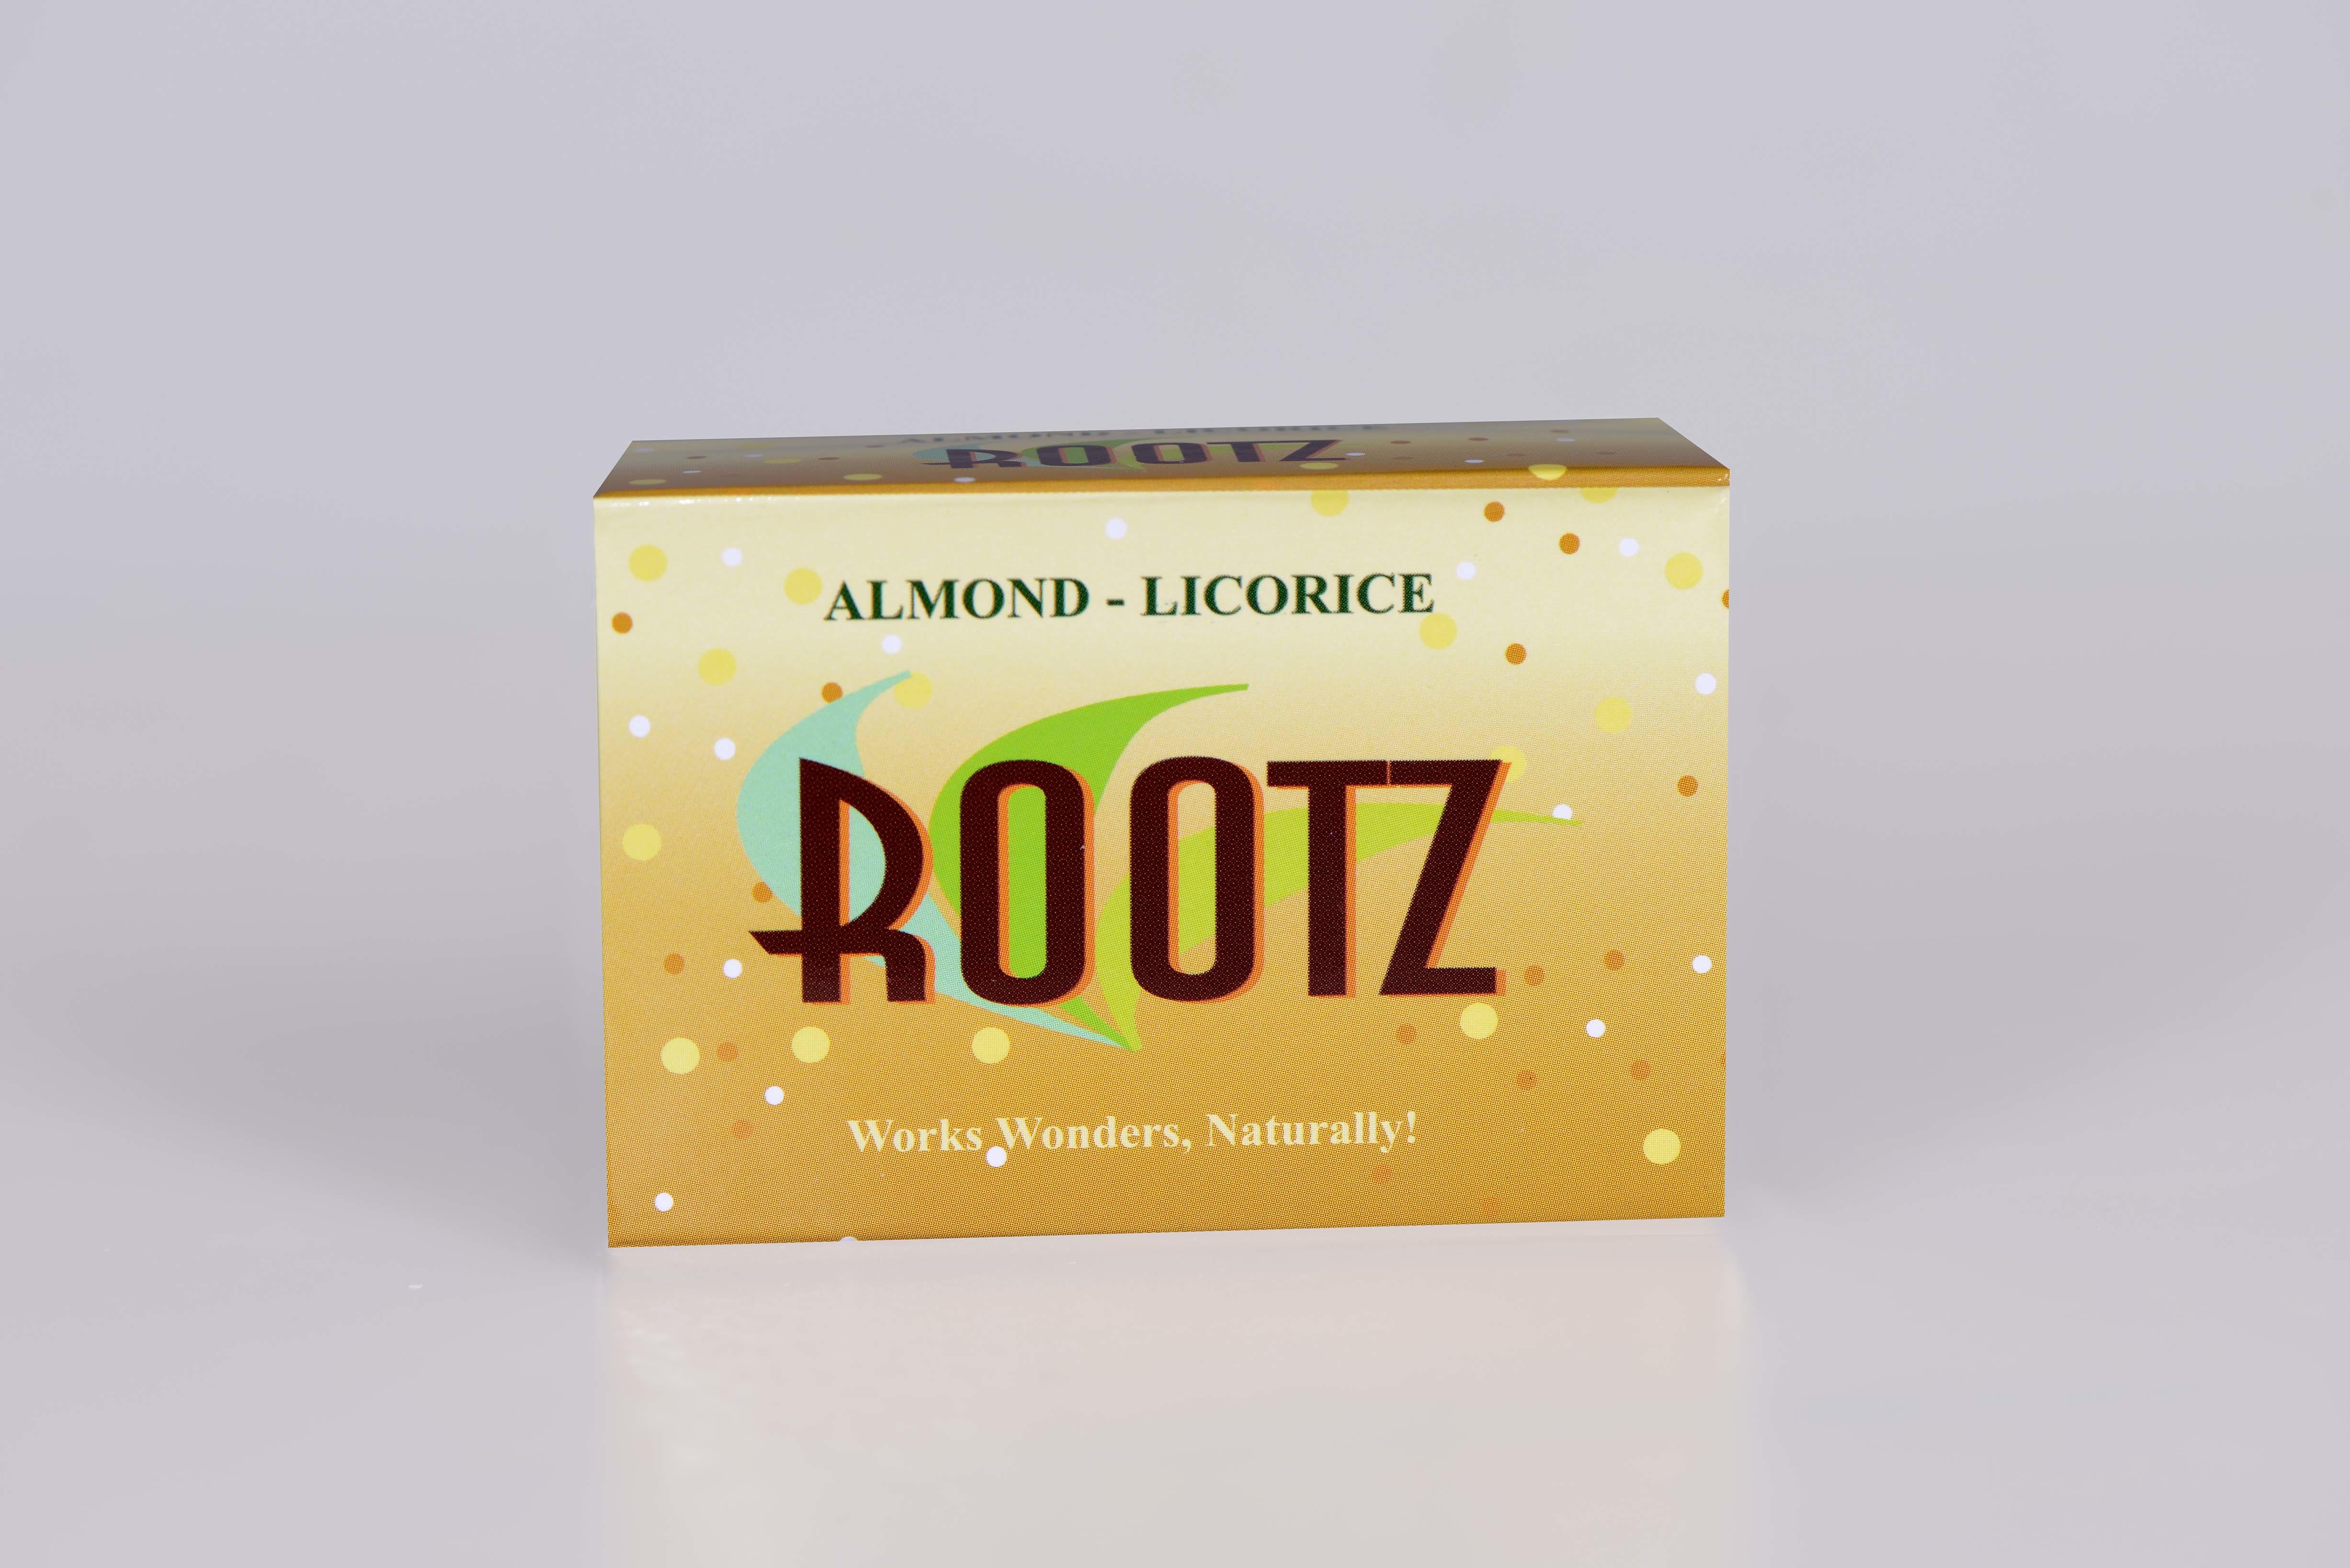 Rootz Almond-Licorice Soap